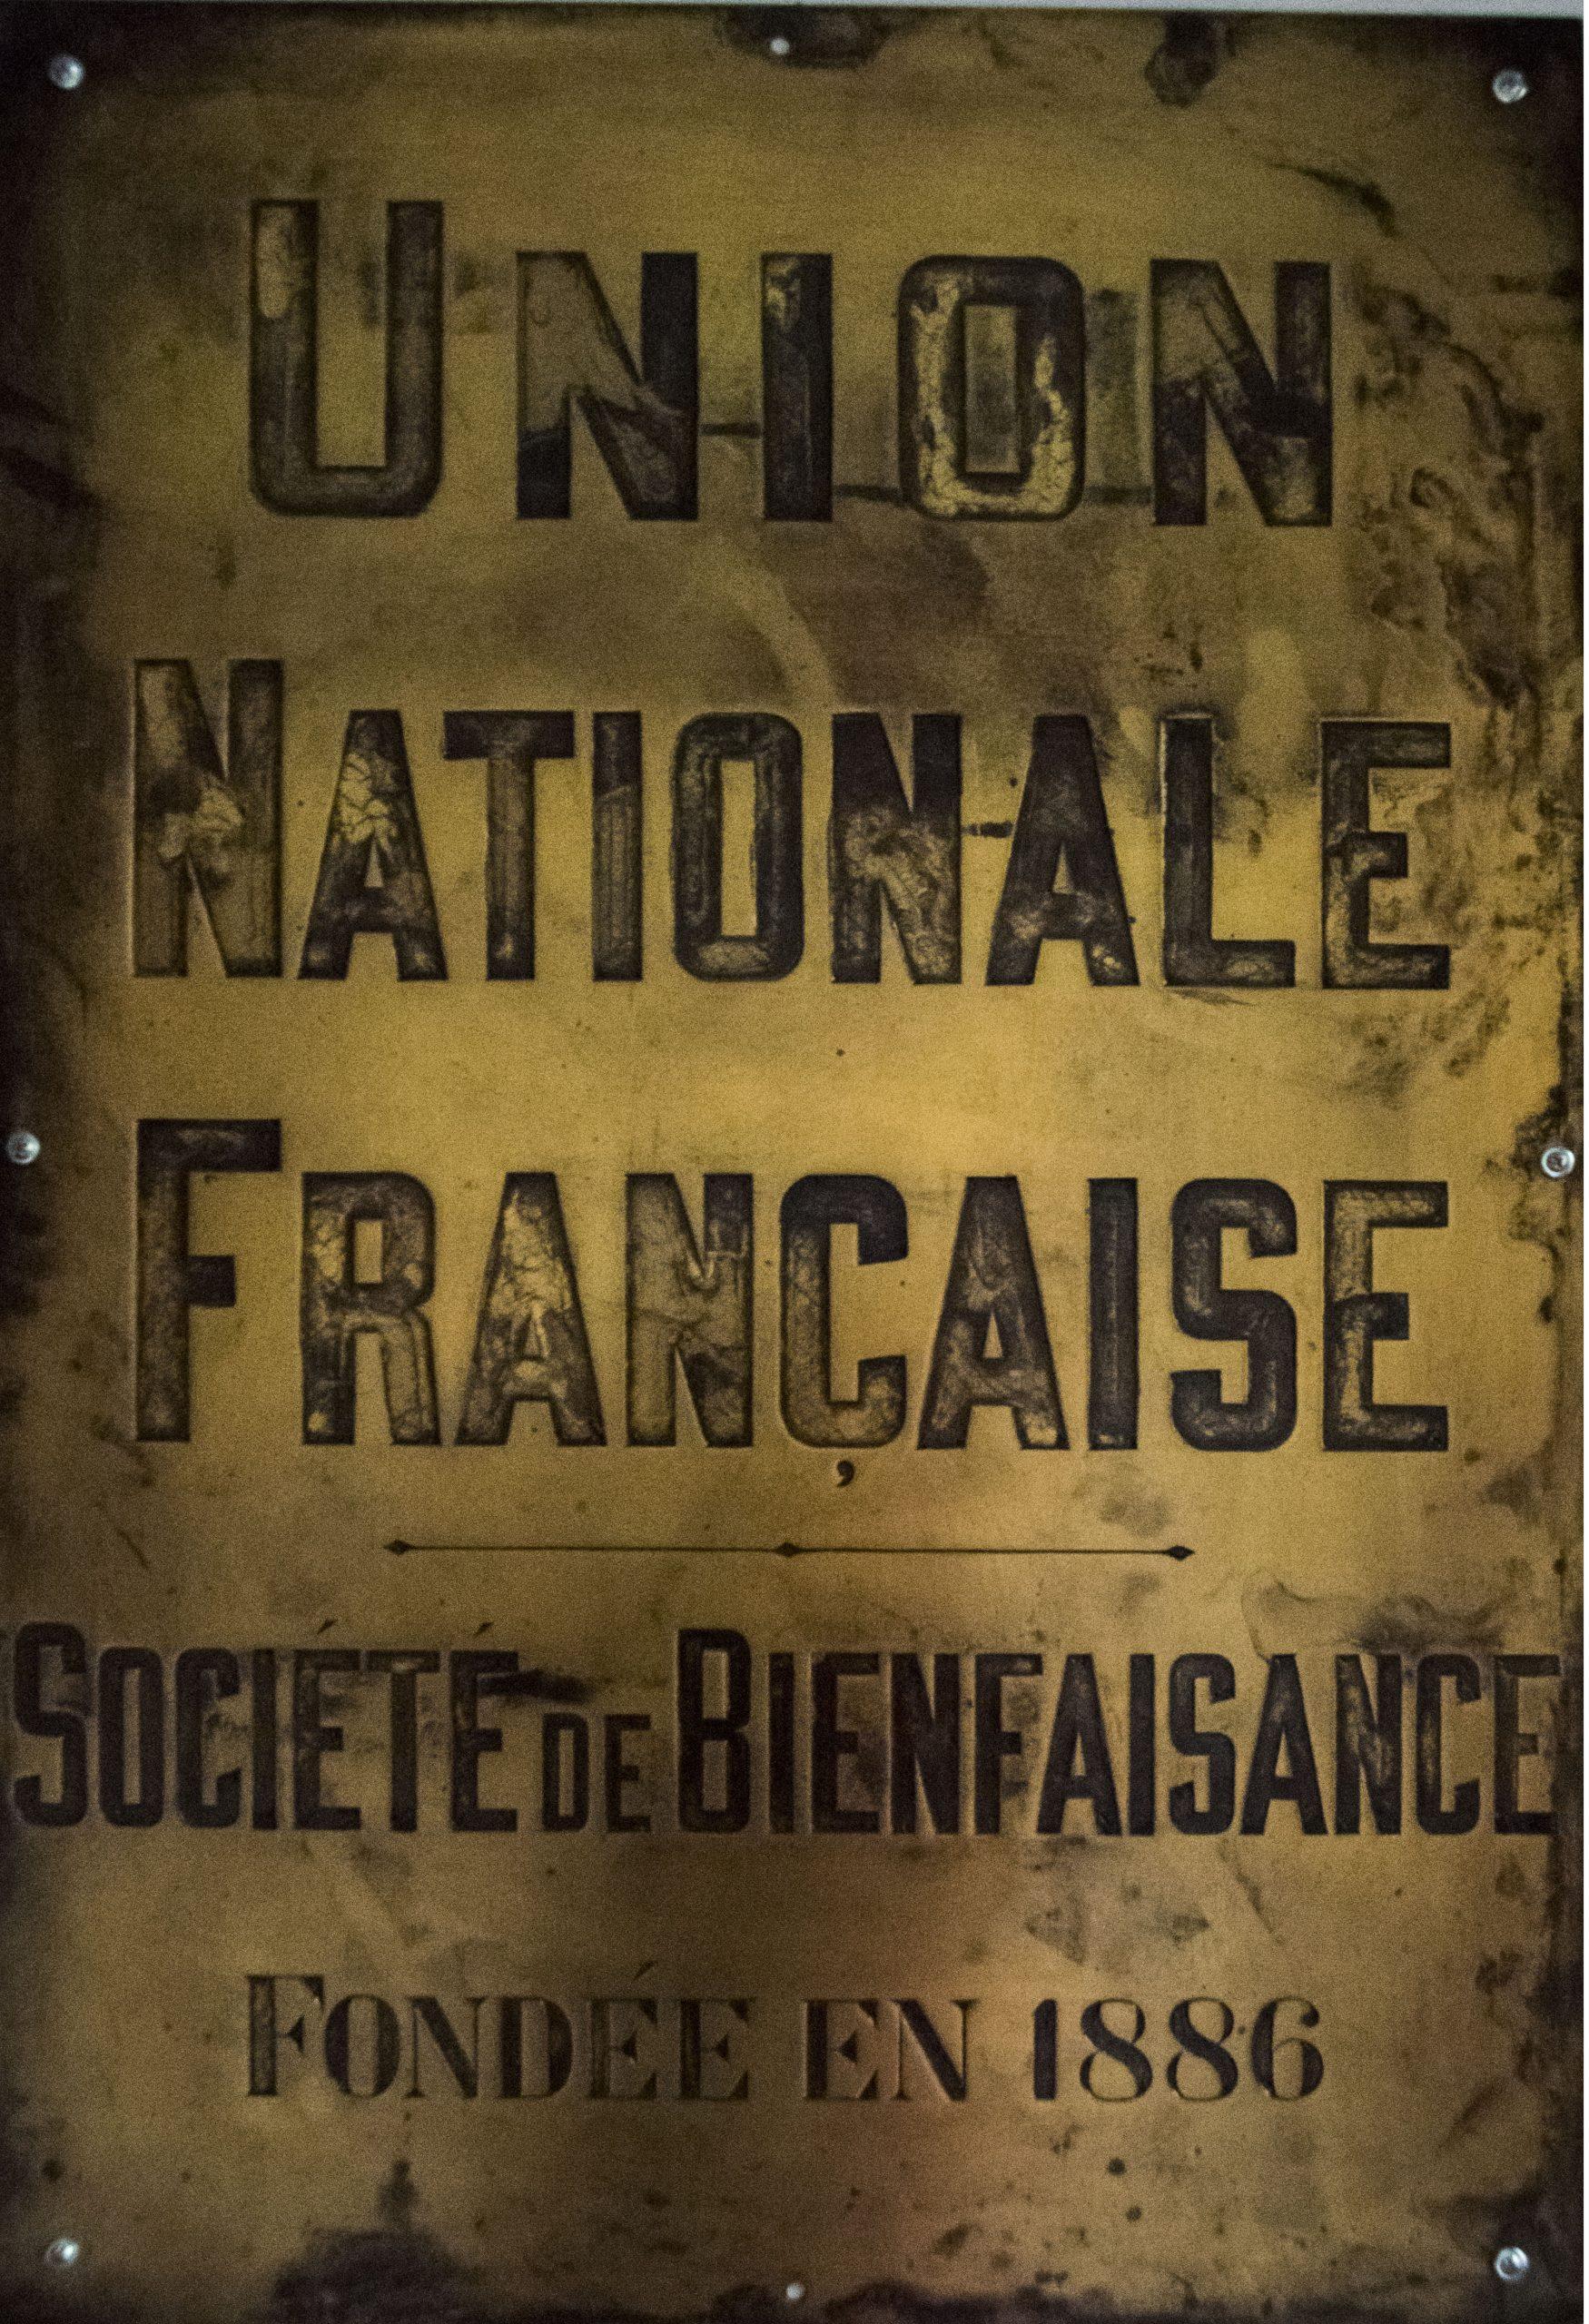 Societe bienfaisance Union Francaise